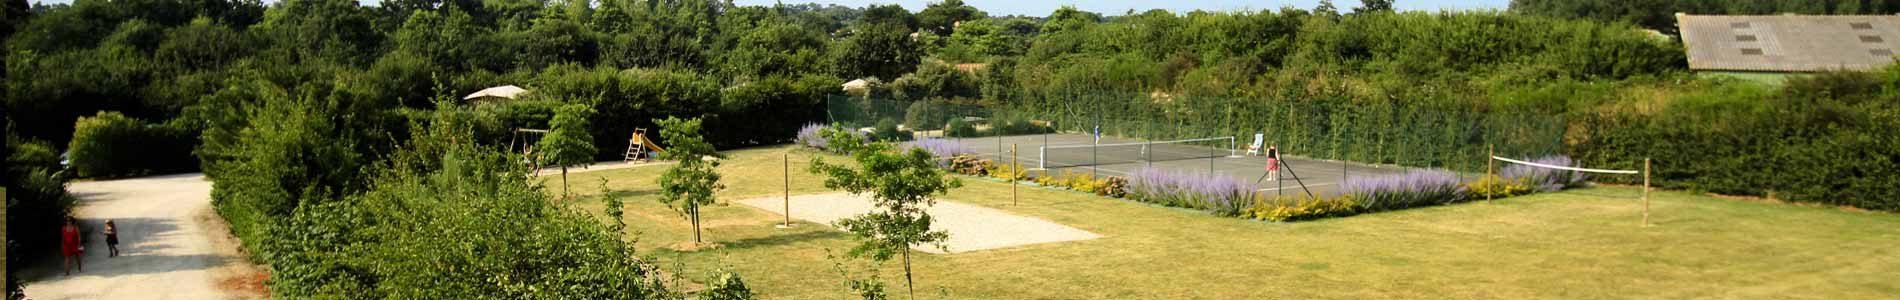 Activités sportives camping Vendée